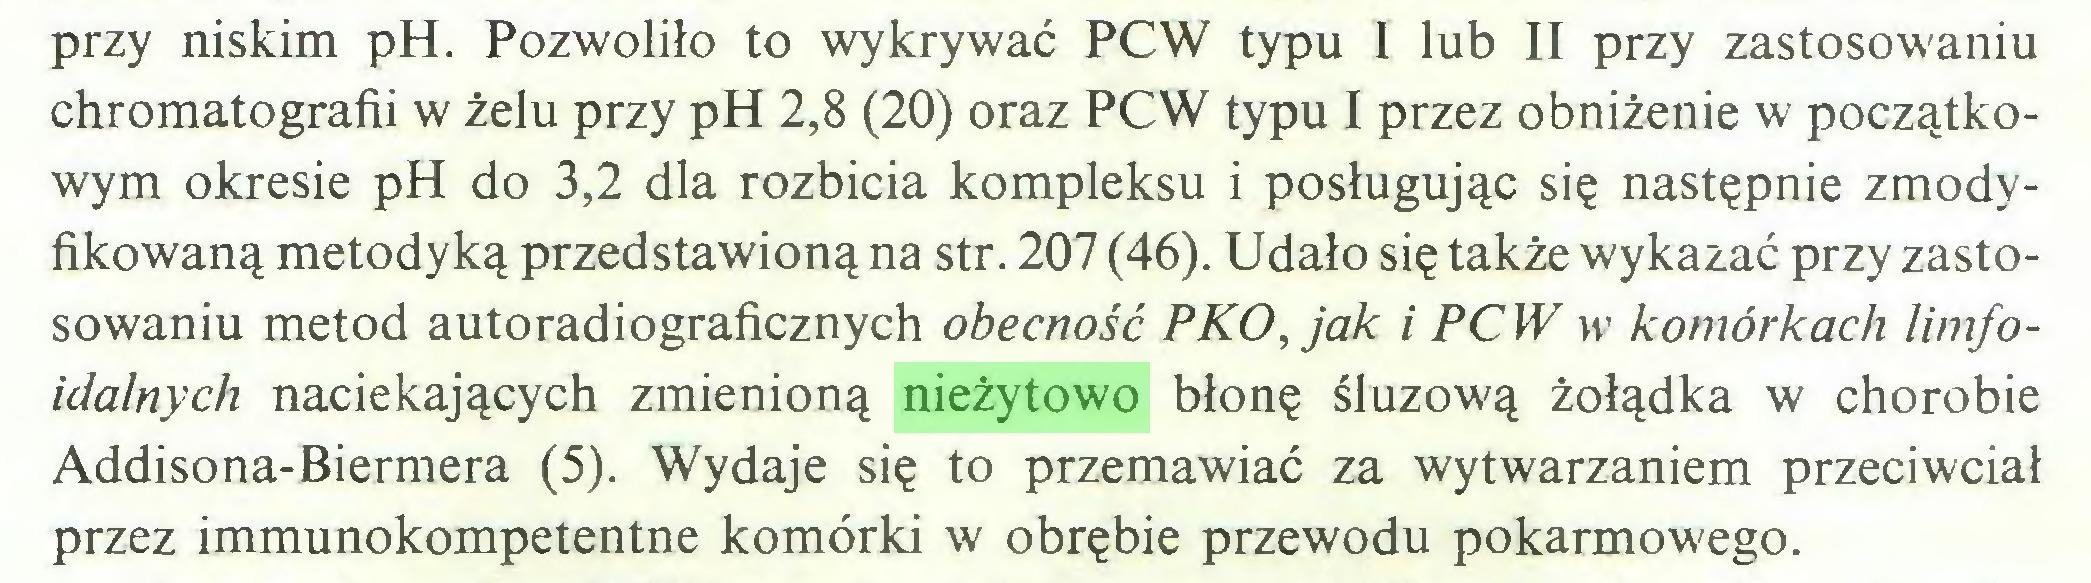 (...) przy niskim pH. Pozwoliło to wykrywać PCW typu I lub II przy zastosowaniu chromatografii w żelu przy pH 2,8 (20) oraz PCW typu I przez obniżenie w początkowym okresie pH do 3,2 dla rozbicia kompleksu i posługując się następnie zmodyfikowaną metodyką przedstawioną na str. 207 (46). Udało się także wykazać przy zastosowaniu metod autoradiograficznych obecność PKO, jak i PCW w komórkach limfoidalnych naciekających zmienioną nieżytowo błonę śluzową żołądka w chorobie Addisona-Biermera (5). Wydaje się to przemawiać za wytwarzaniem przeciwciał przez immunokompetentne komórki w obrębie przewodu pokarmowego...